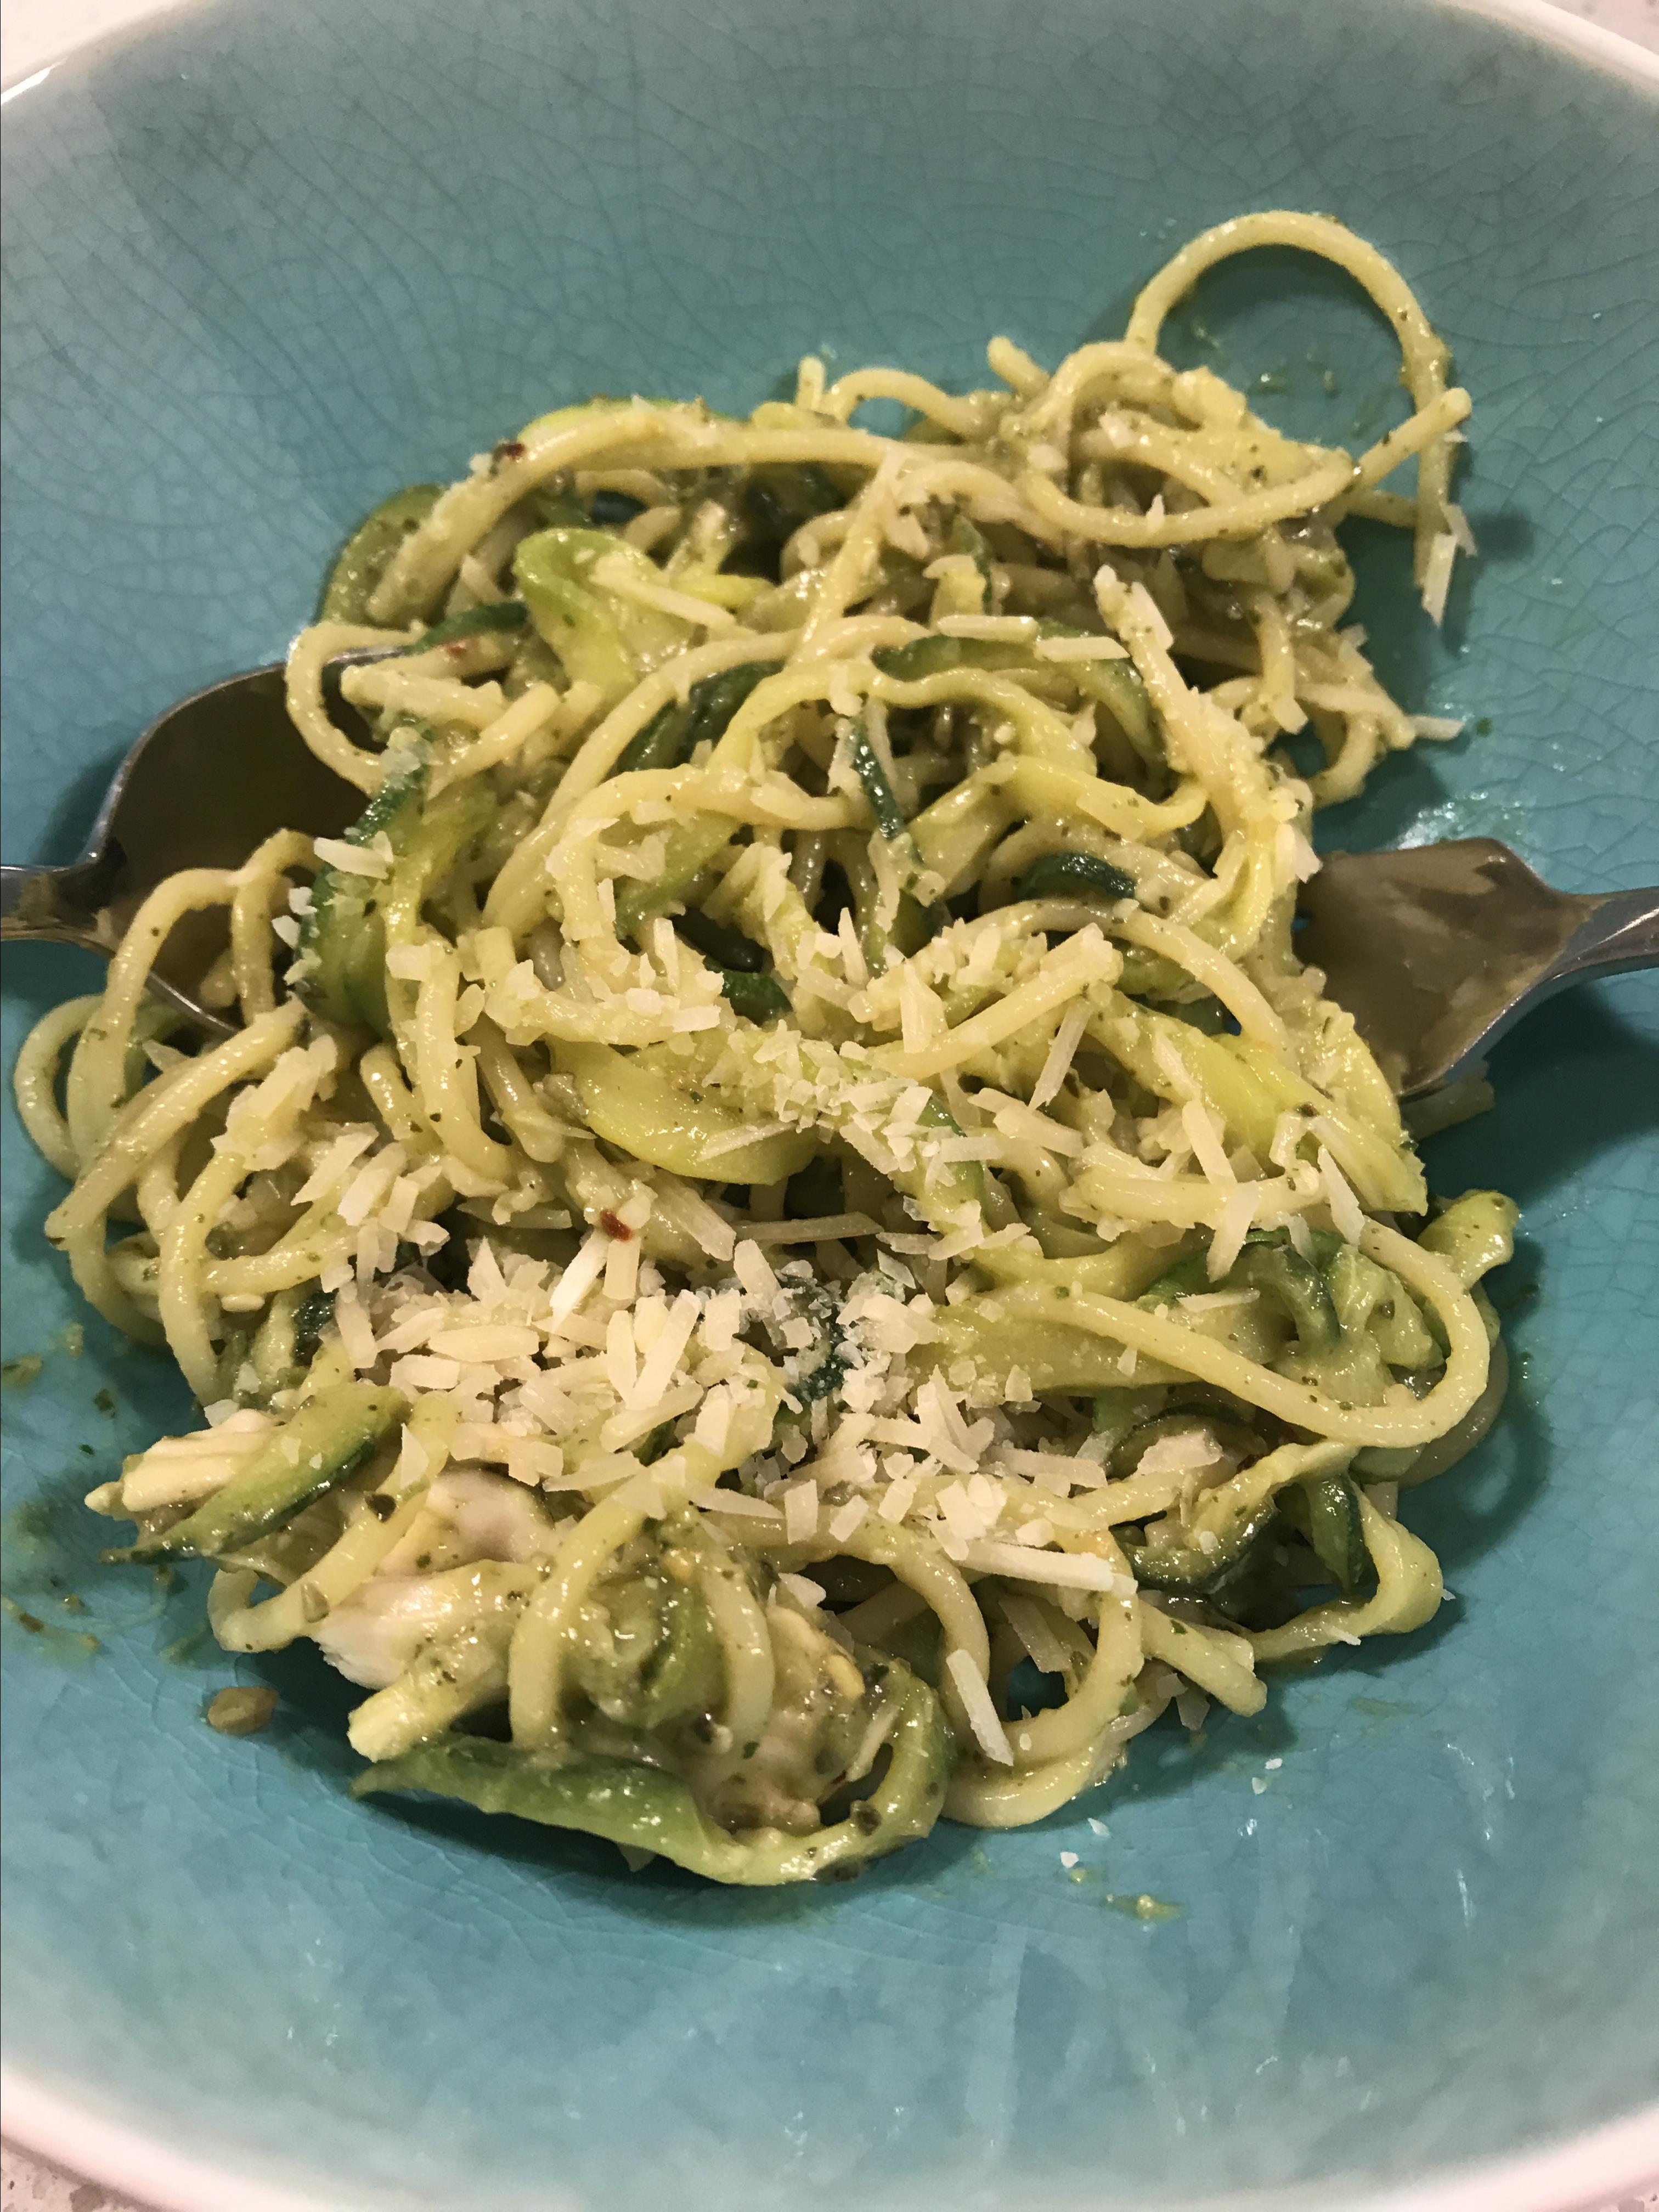 Avocado Pesto with Zucchini Pasta